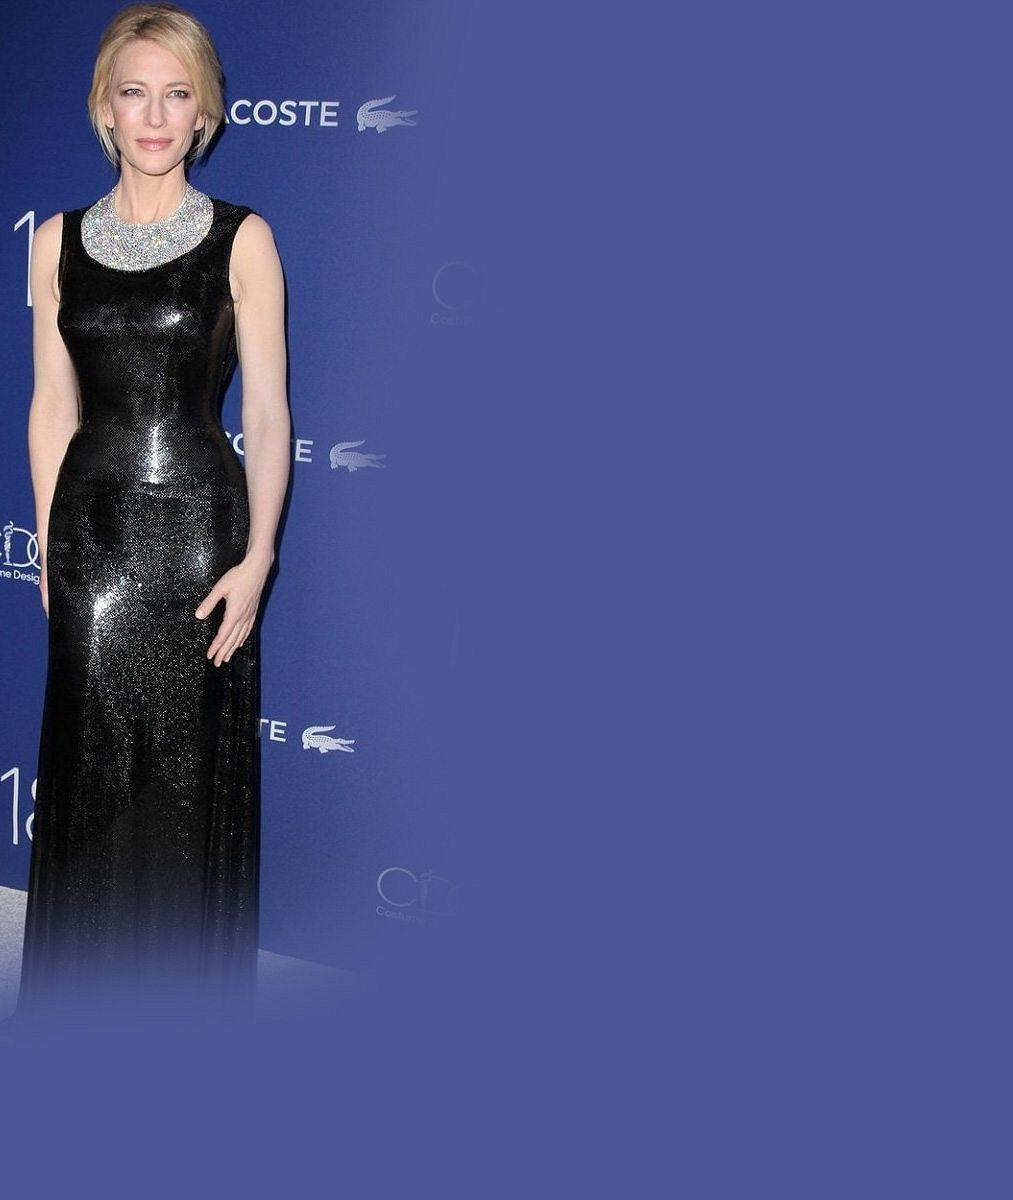 Dokonalost sama: Cate Blanchett je na ceremoniálech snad ještě krásnější než na filmovém plátně